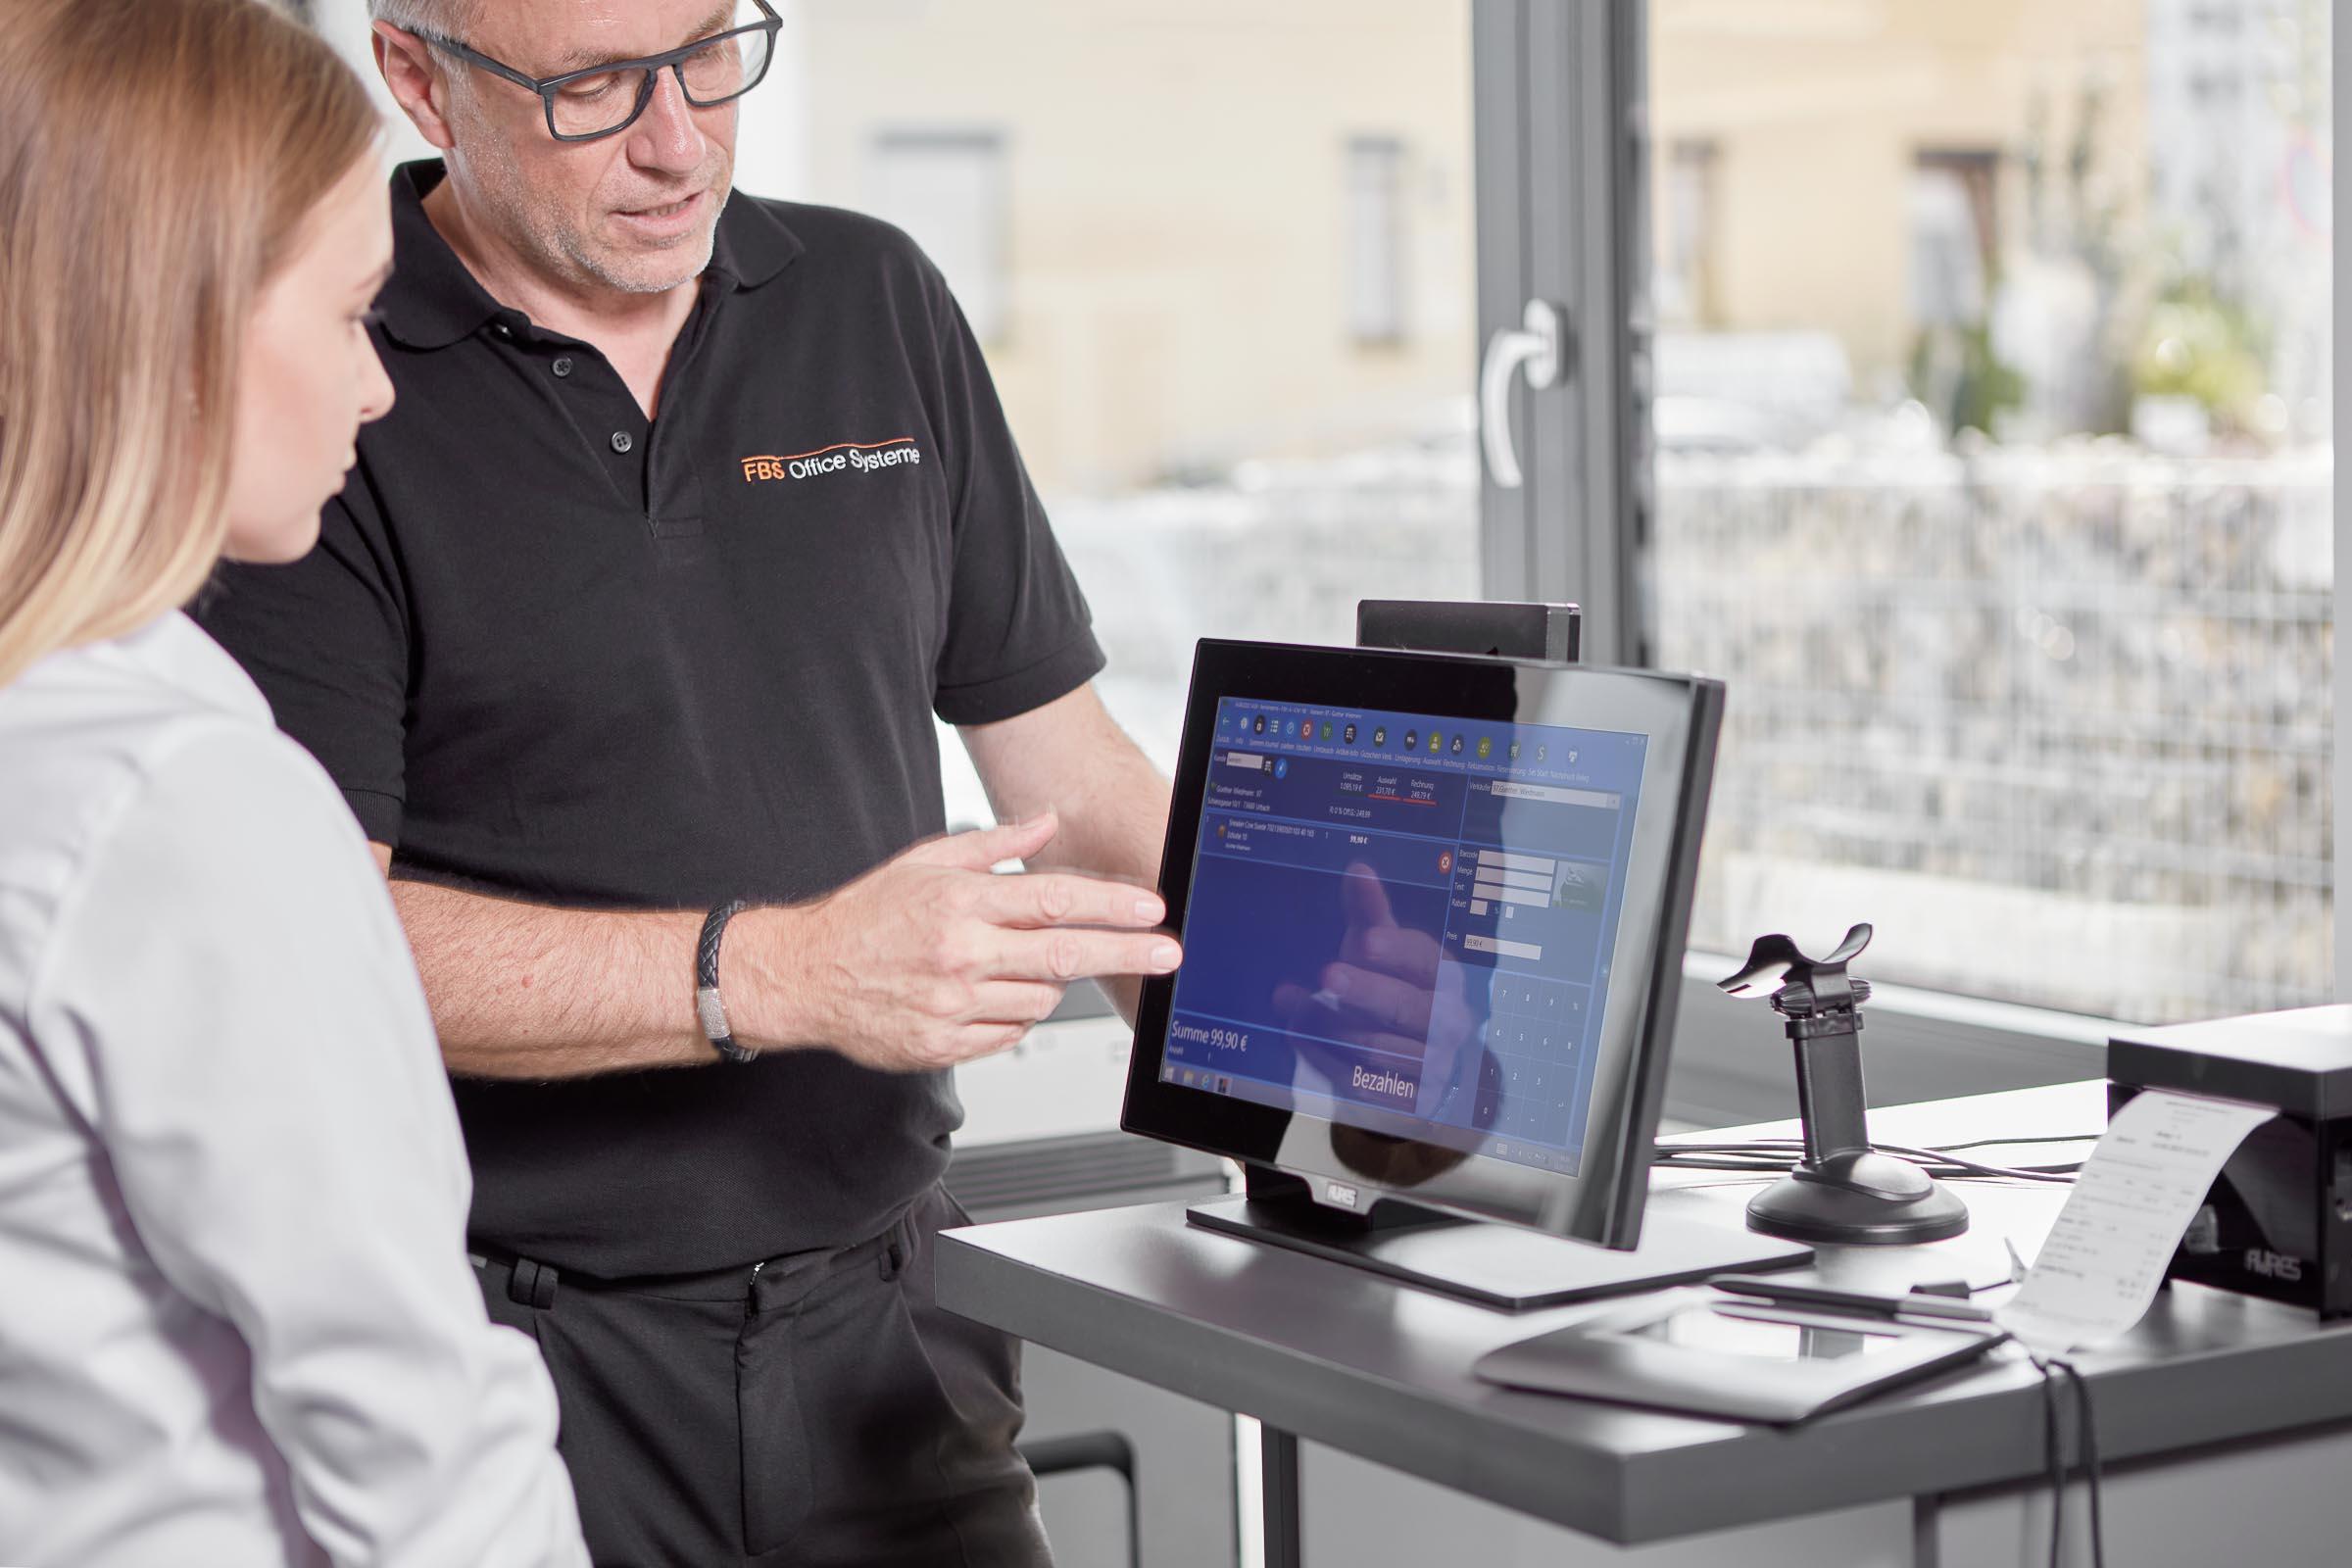 Mitarbeiter erklärt Kunden das Kassasystem am Tablet